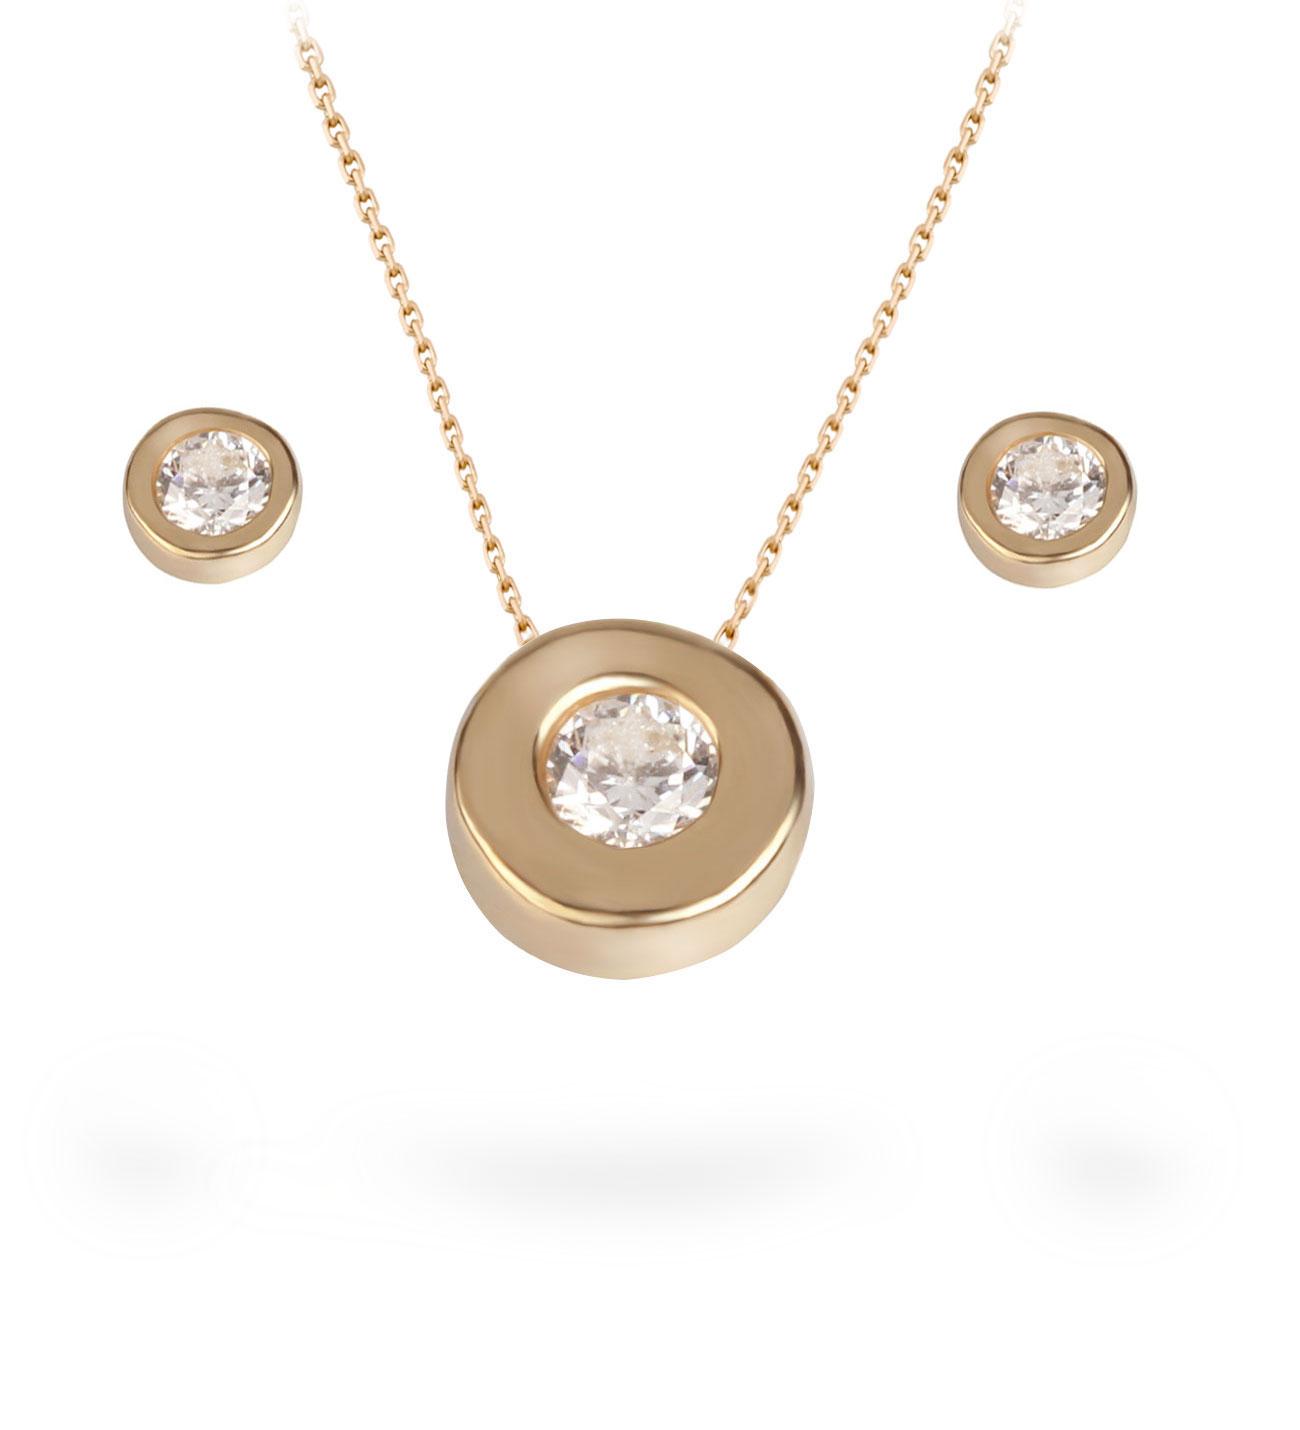 Women's Zircon Gemmed Gold Necklace & Earrings Set